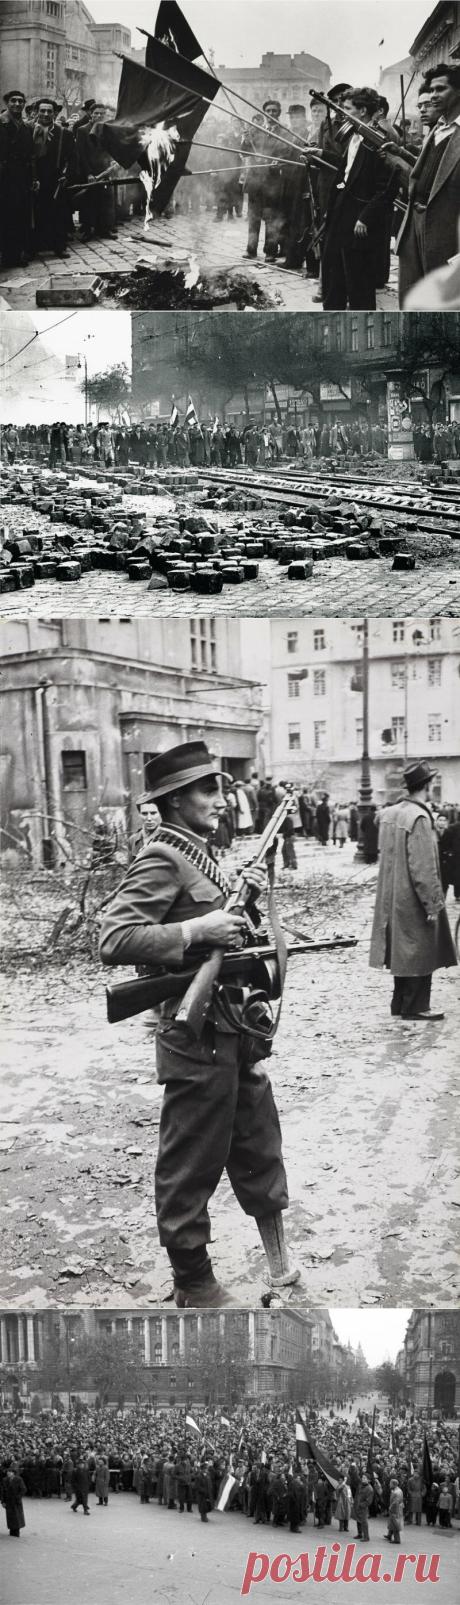 Восстание в Венгрии. Укрощение строптивых | Империя | Яндекс Дзен